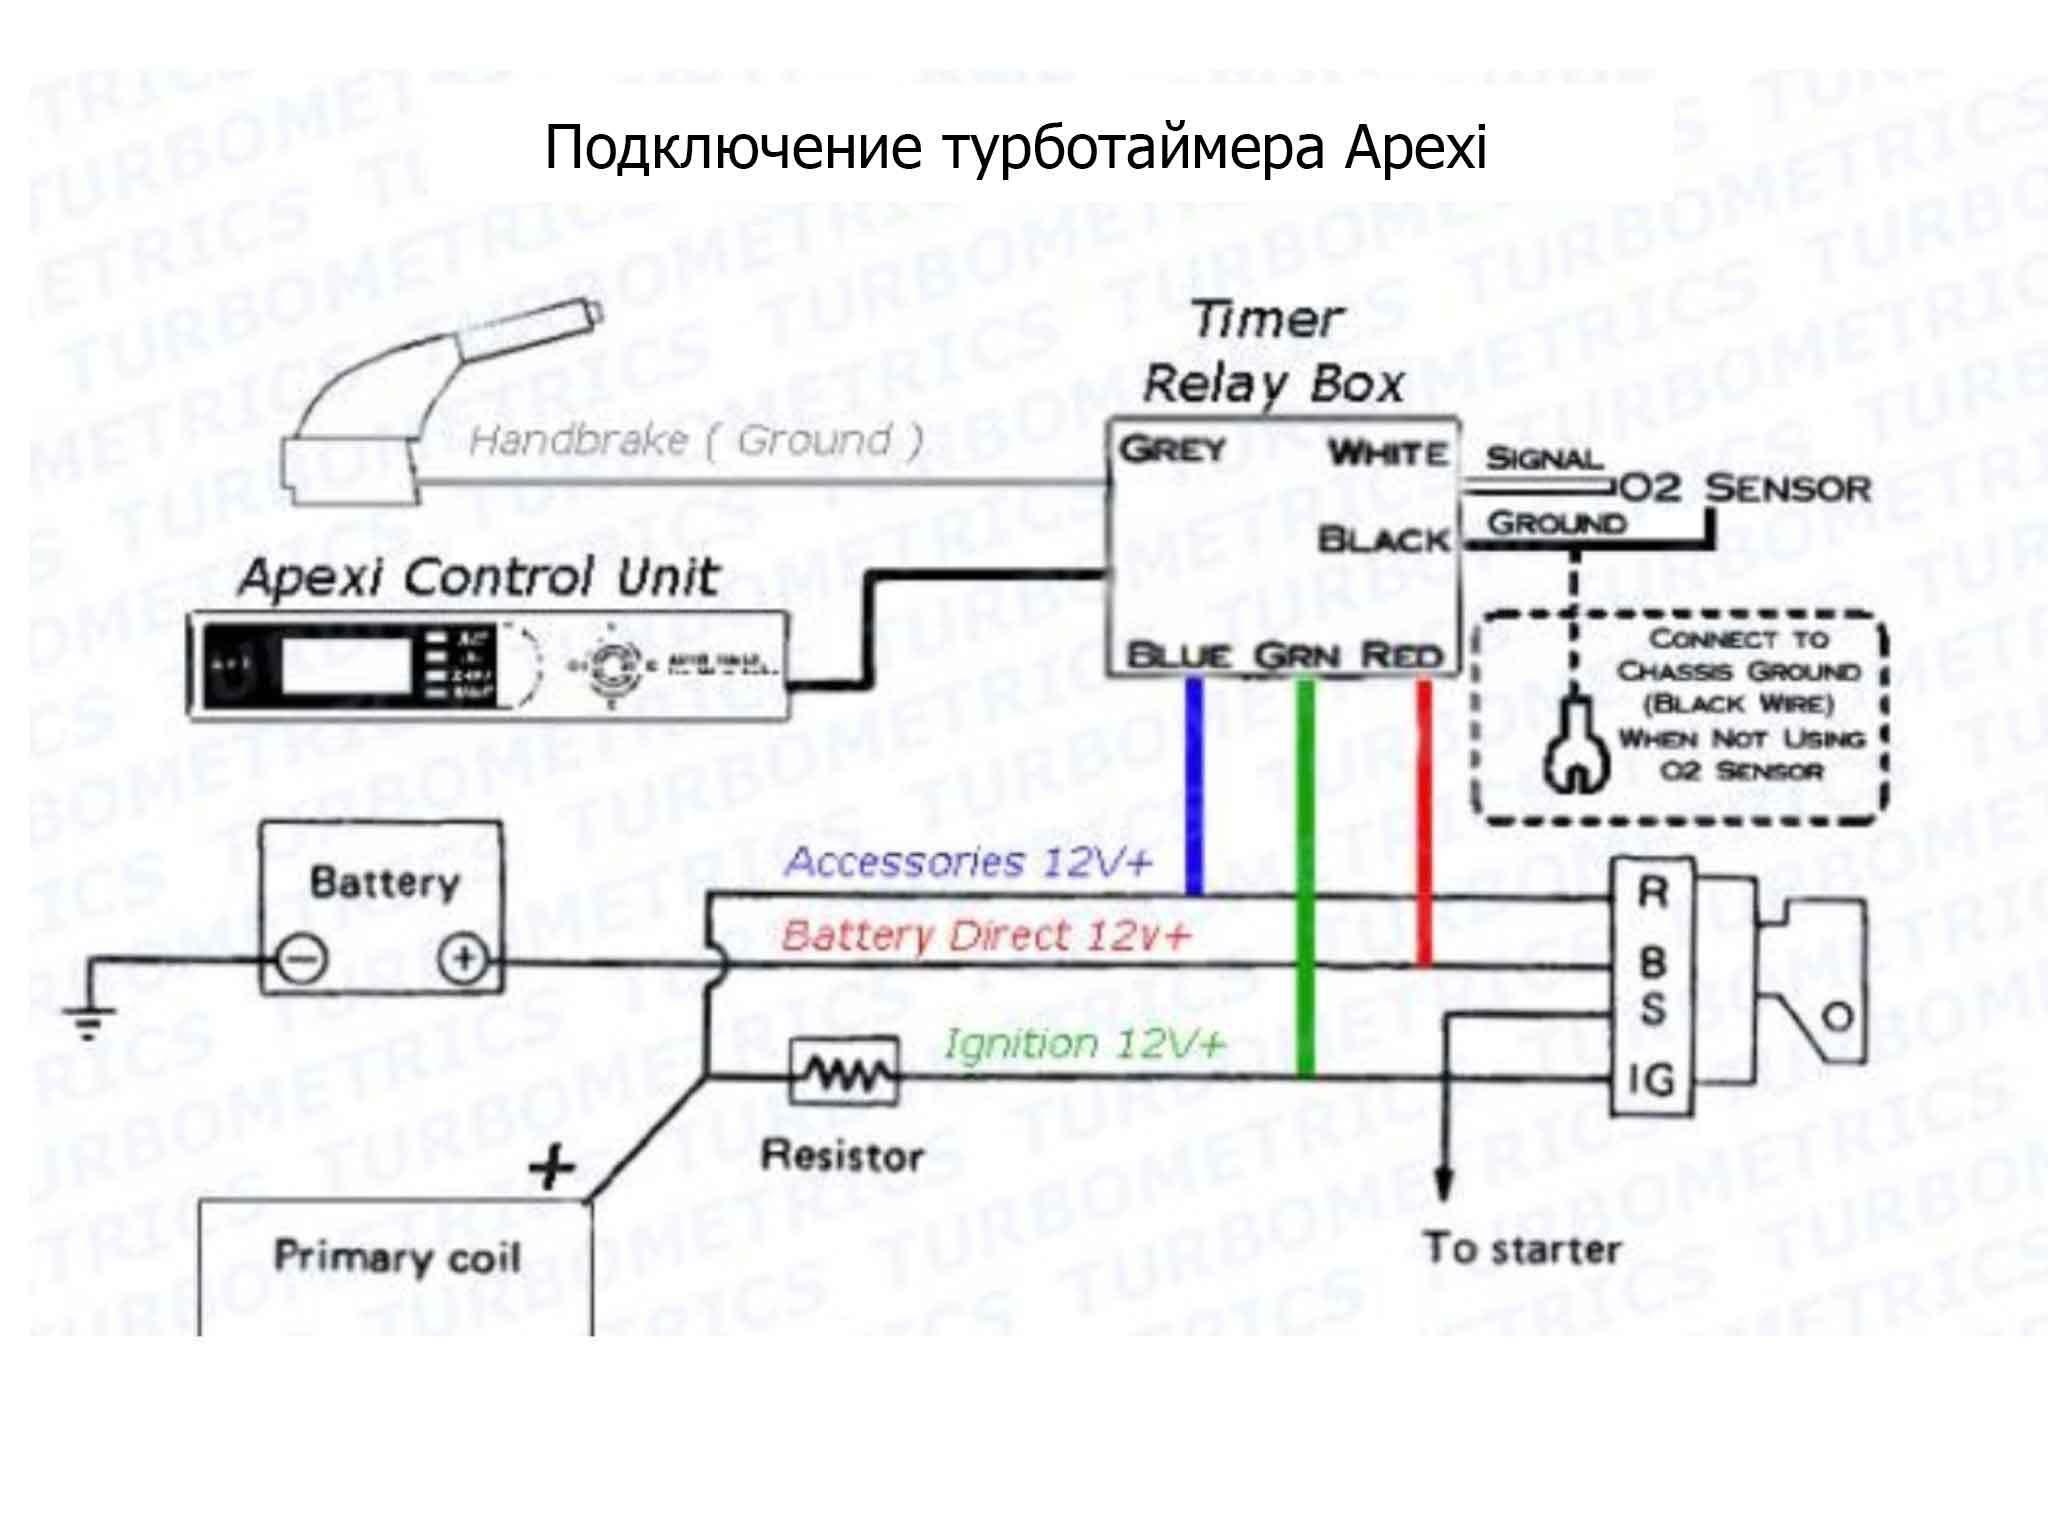 Установка турботаймера на дизельные автомобили своими руками 1